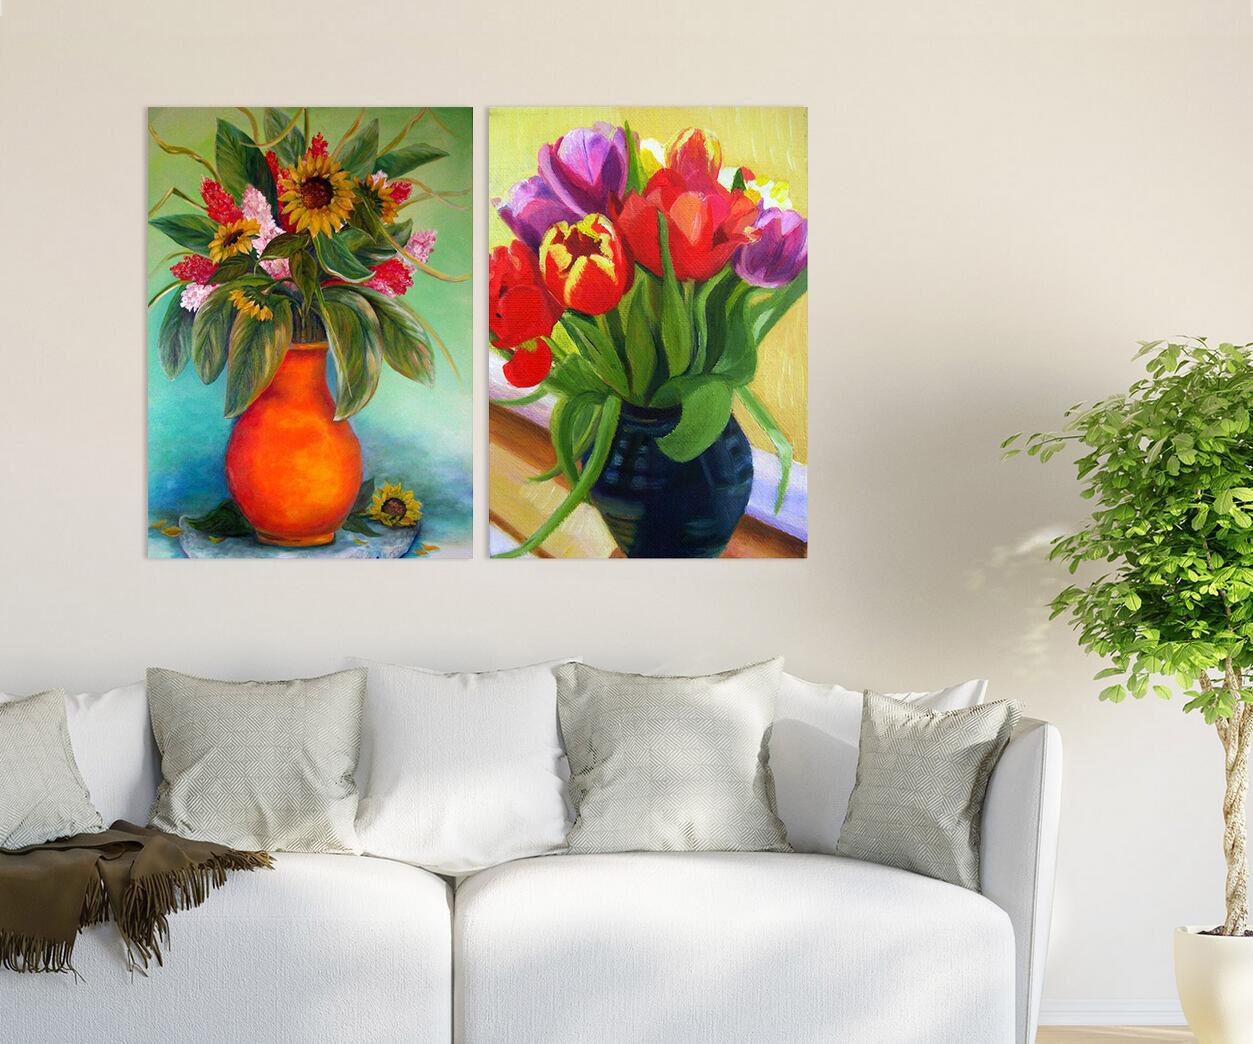 3D Helle Sonnenblume Blume 9575 Fototapeten Wandbild BildTapete AJSTORE DE Lemon